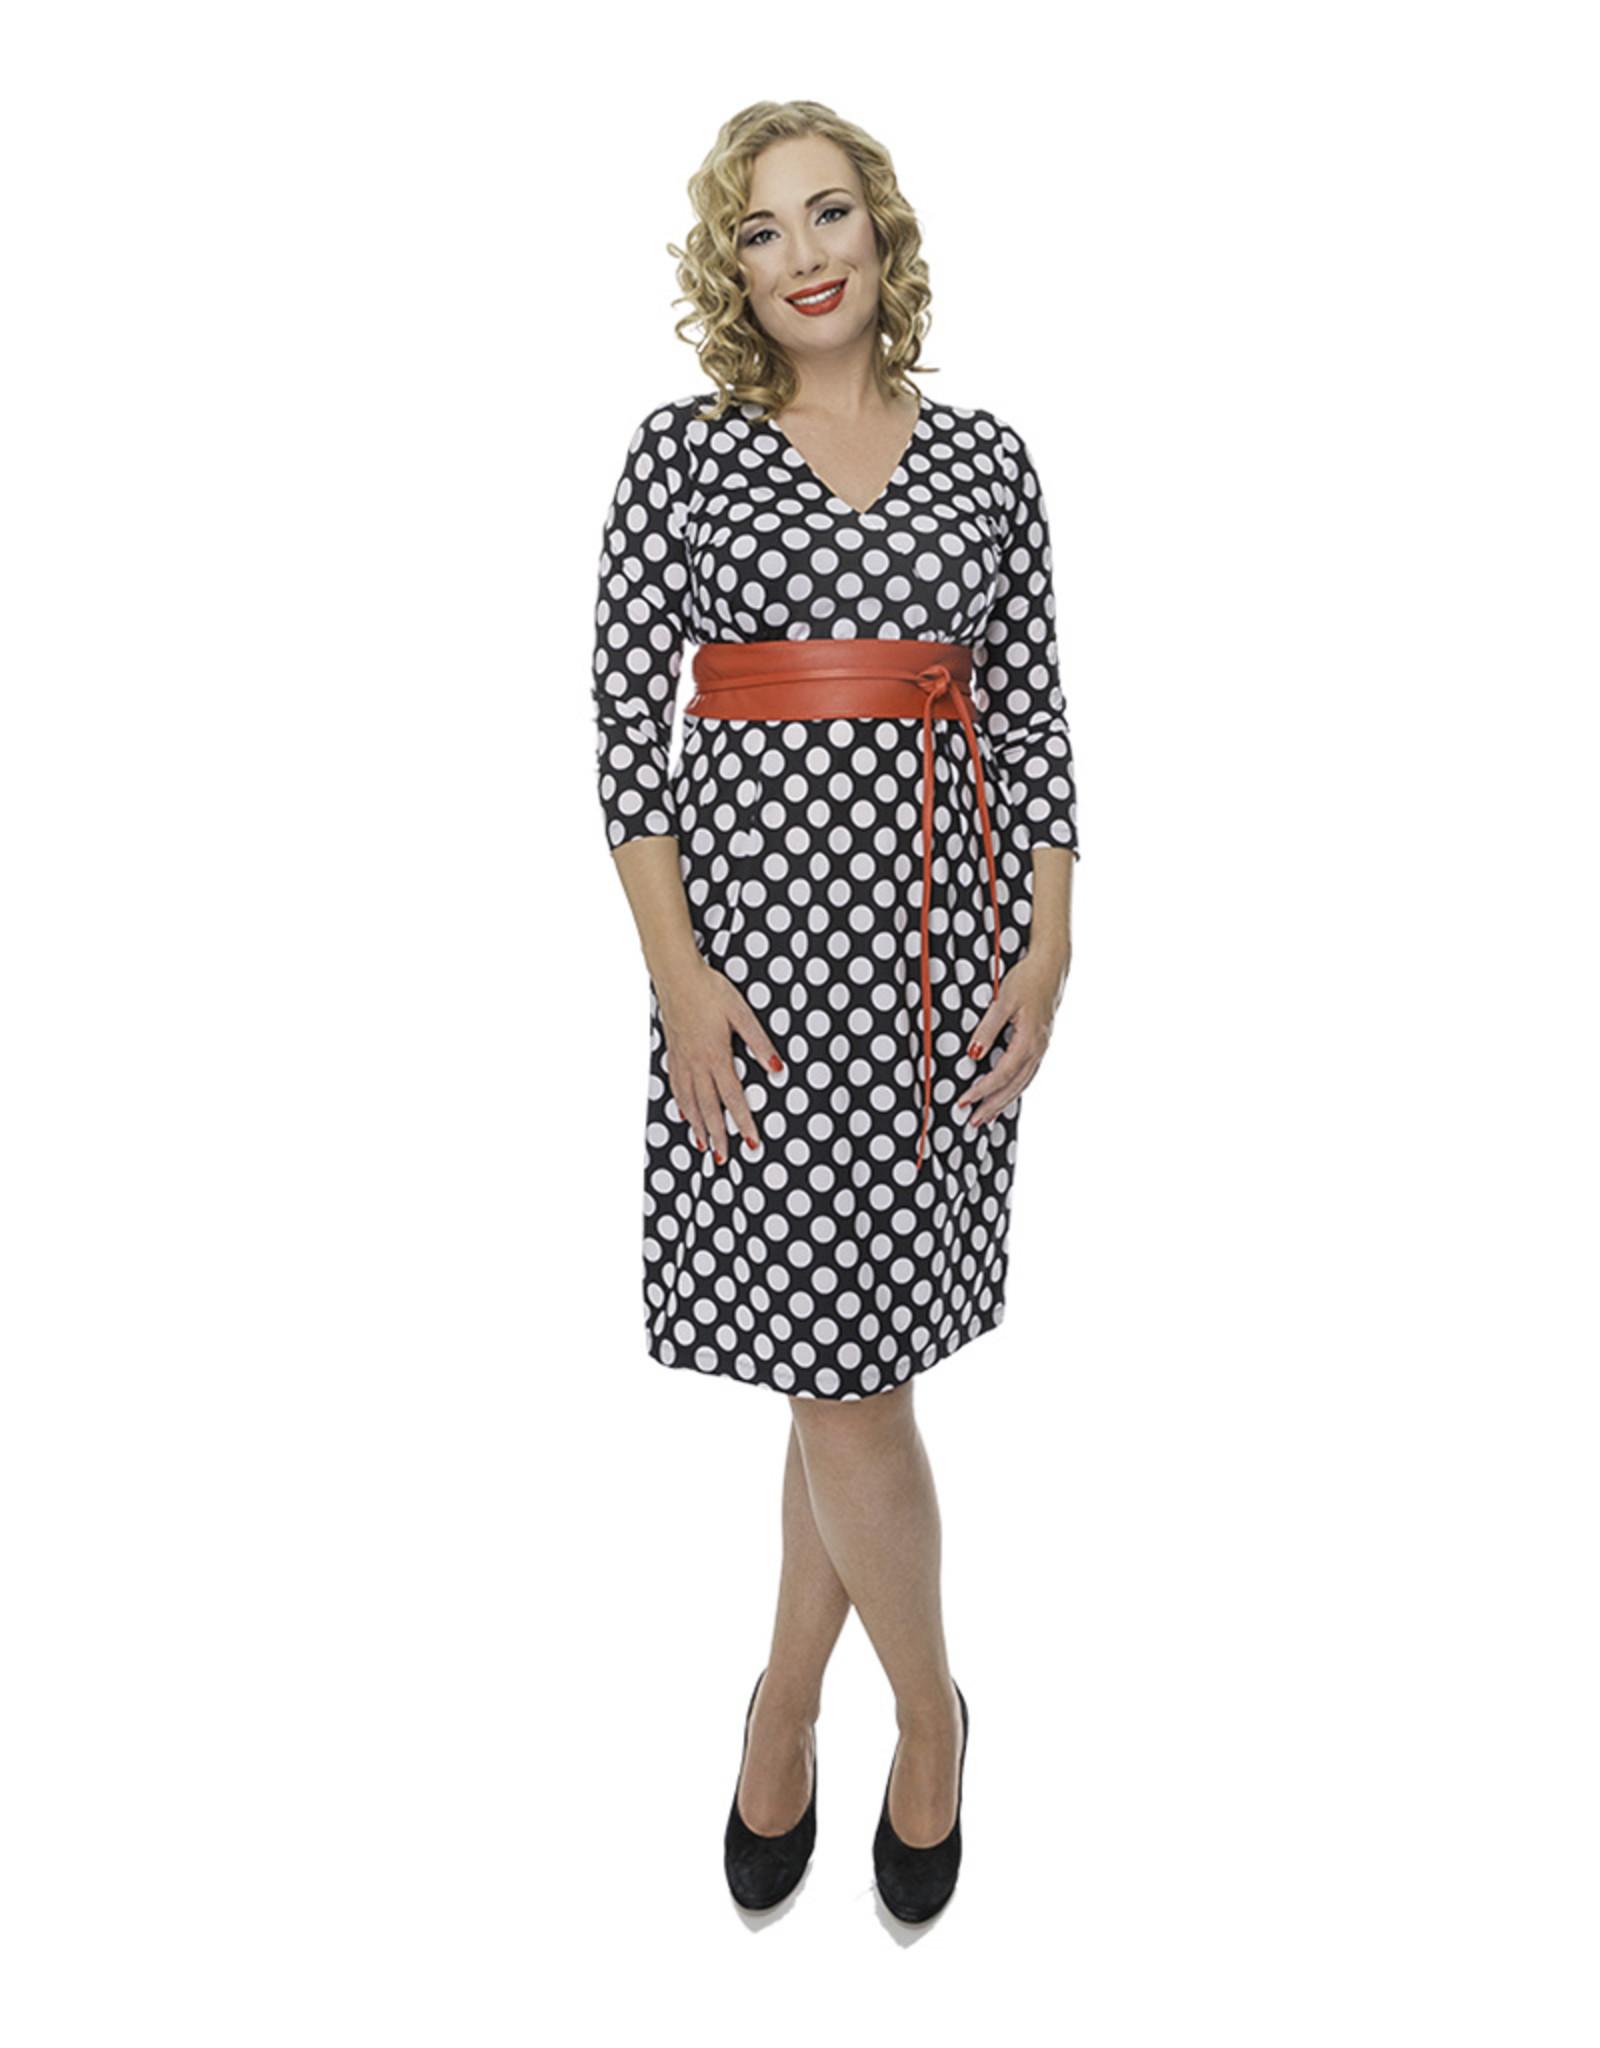 Lovely Dress Jurk Sophie dessin Dot